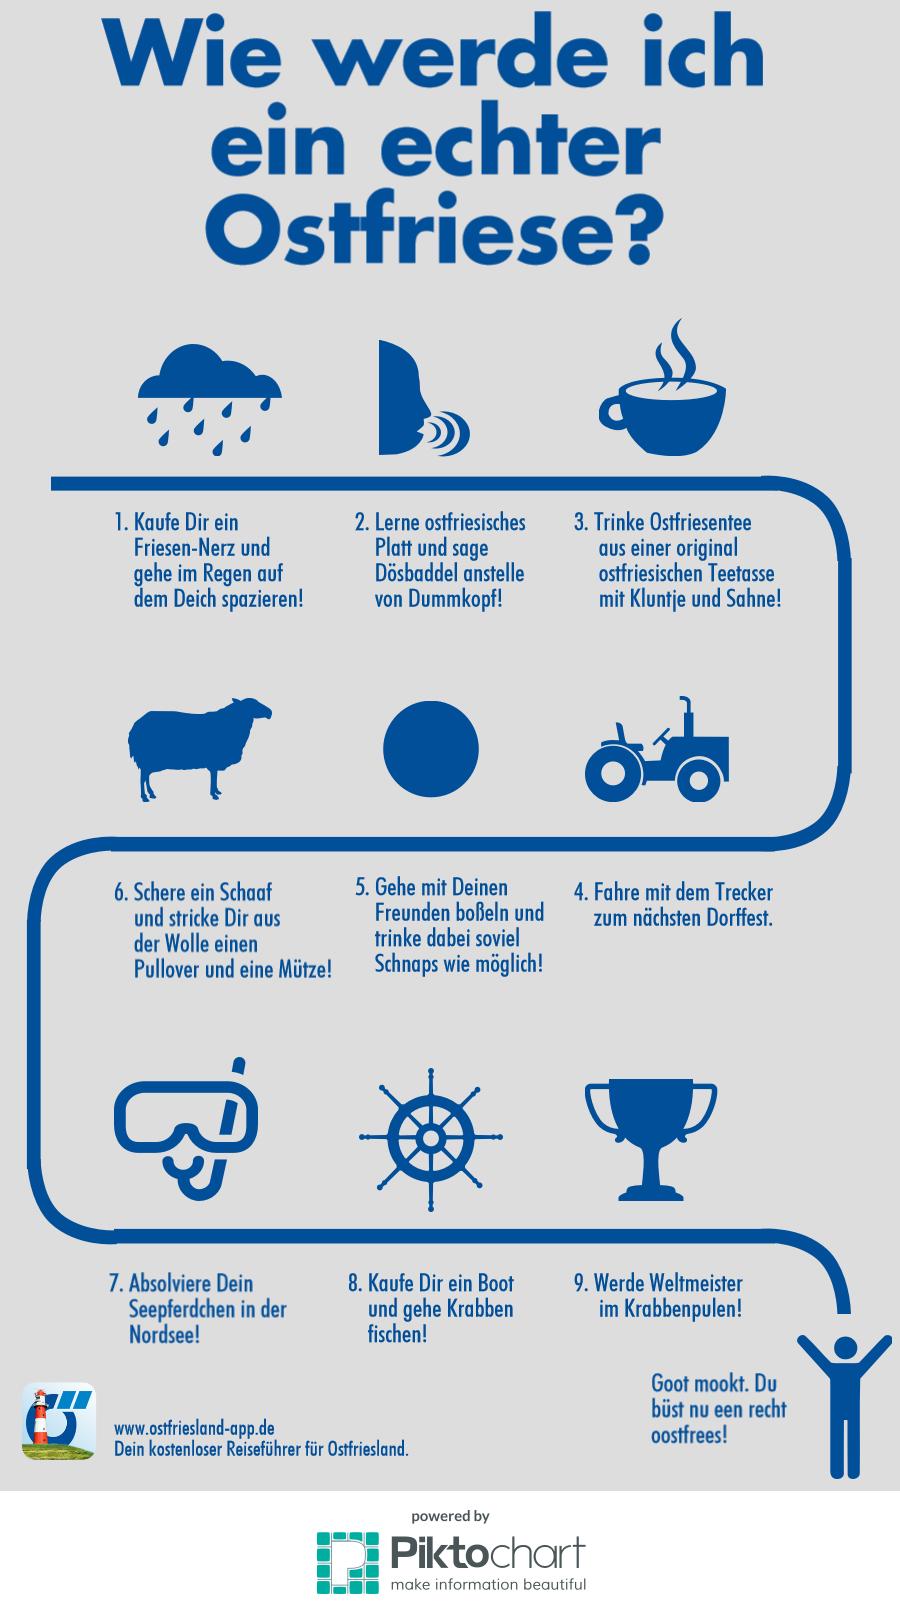 infografik-wie-werde-ich-ein-echter-ostfriese(18)